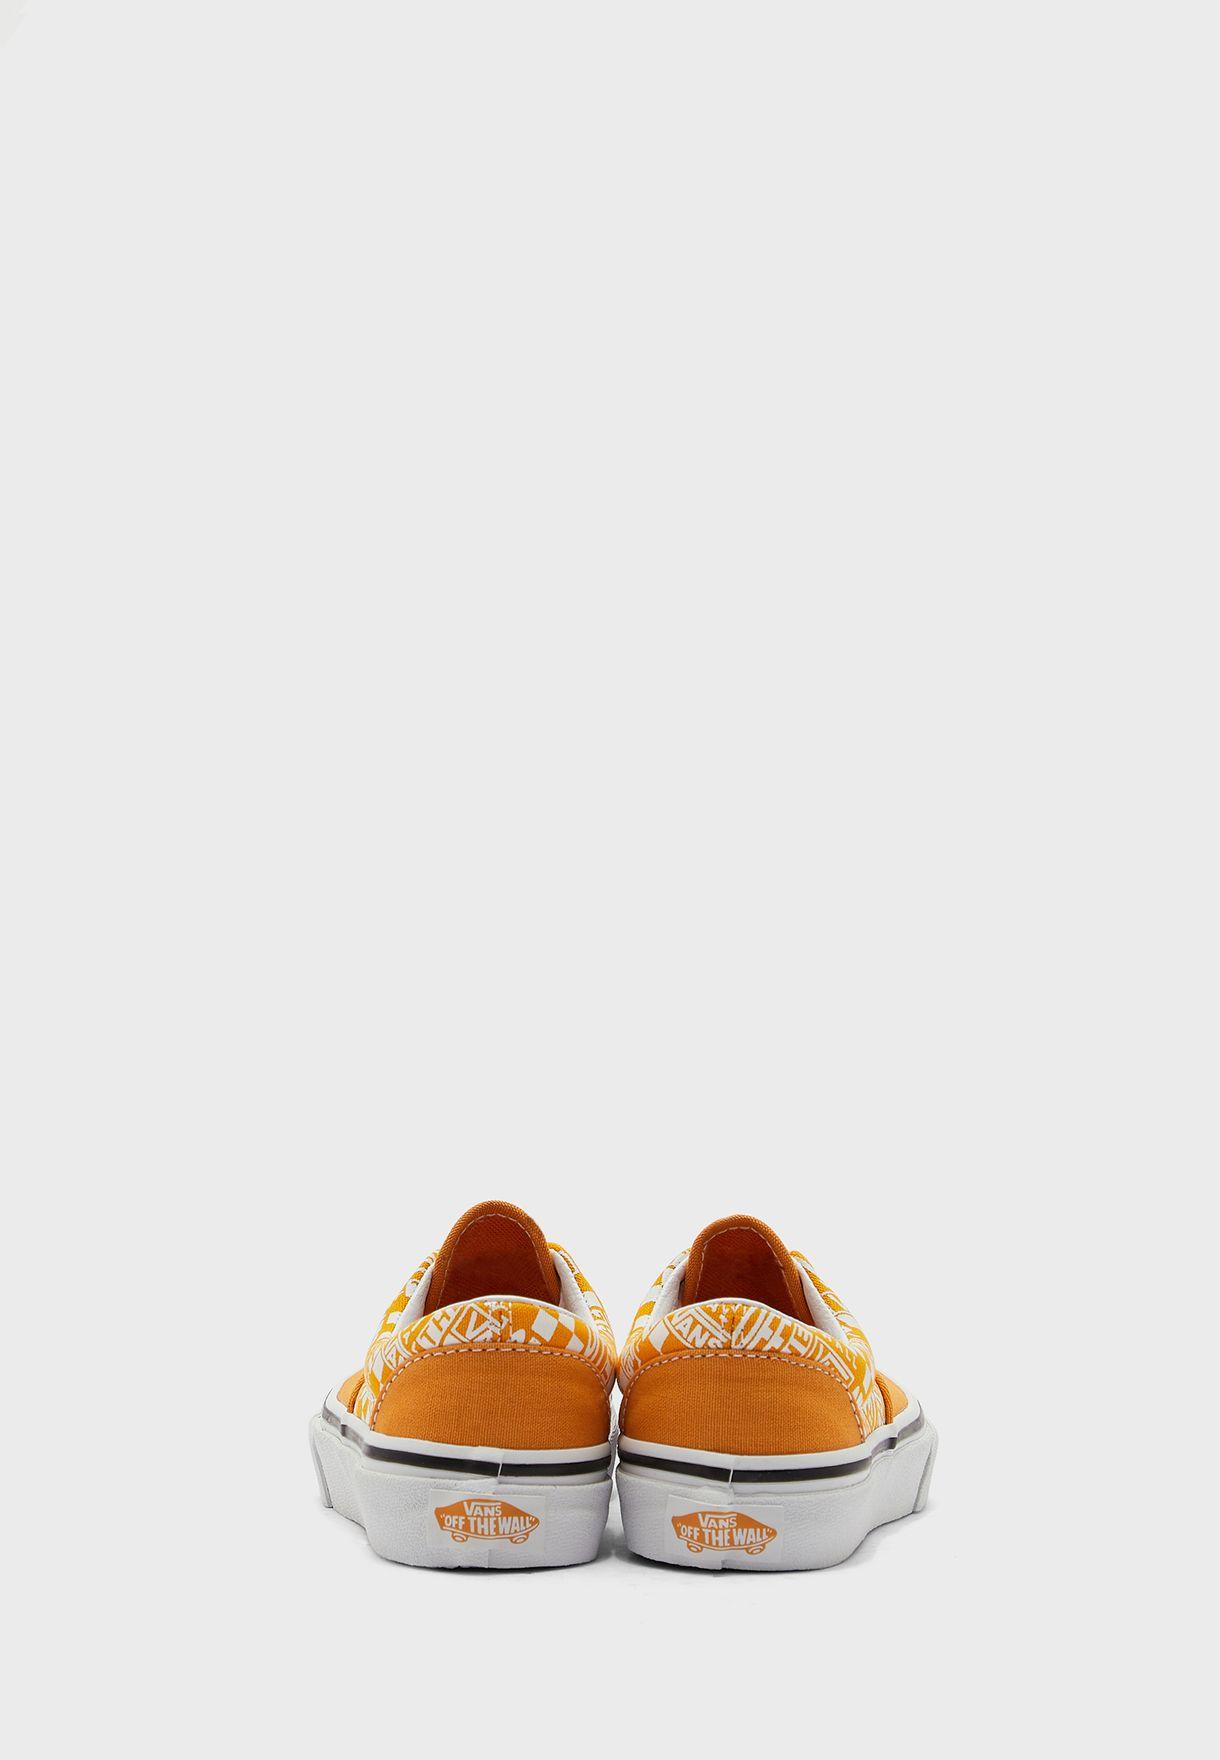 حذاء اوف ذا وول ايرا